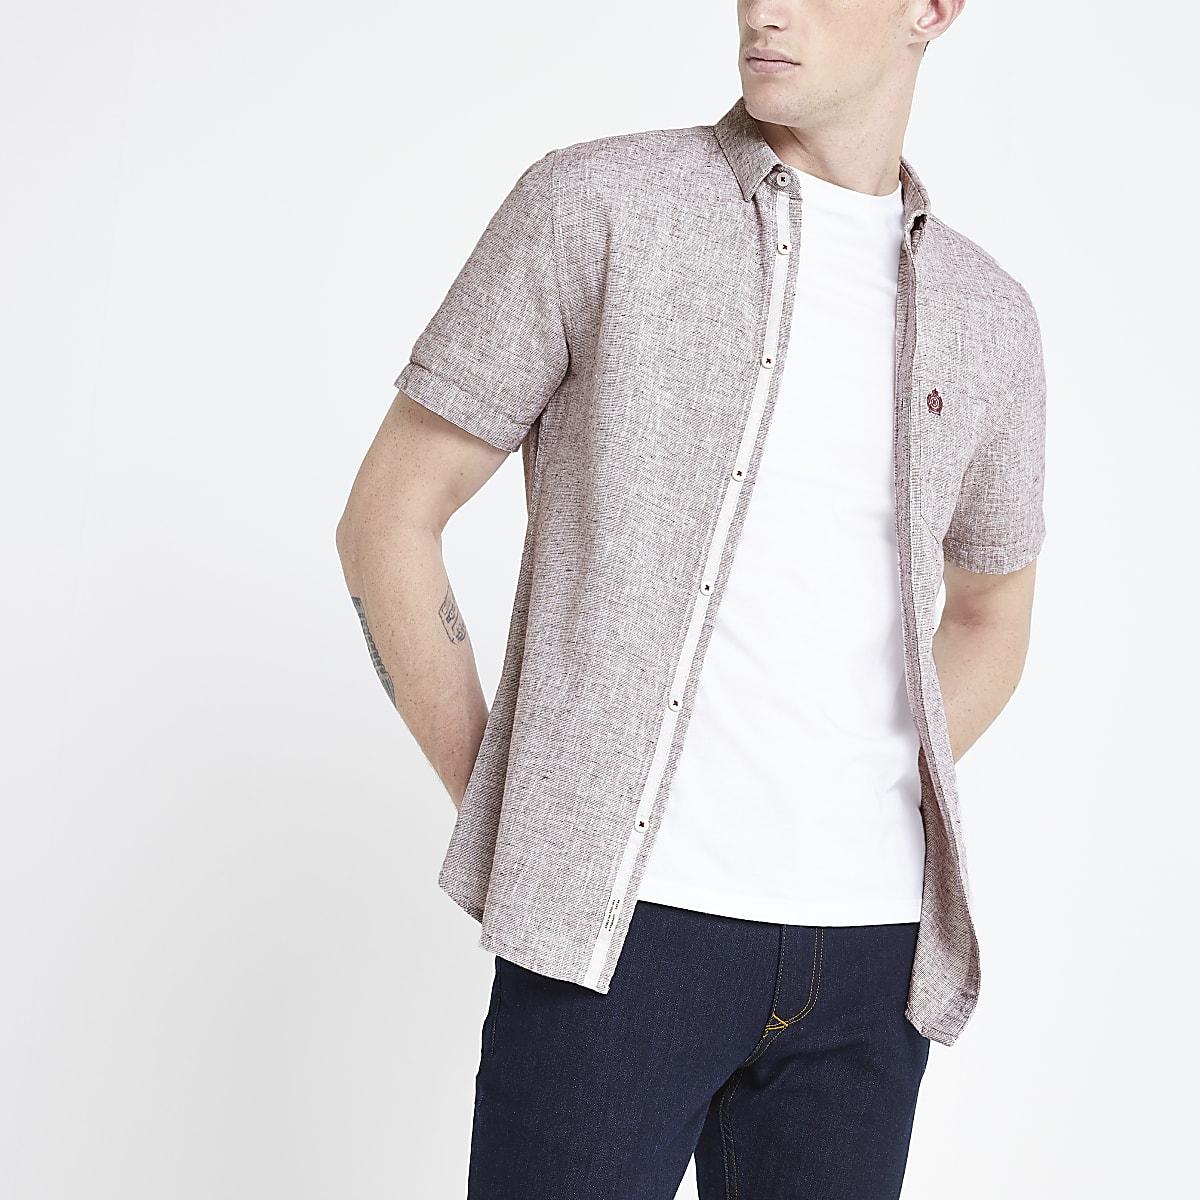 Donkerrood overhemd met textuur en korte mouwen